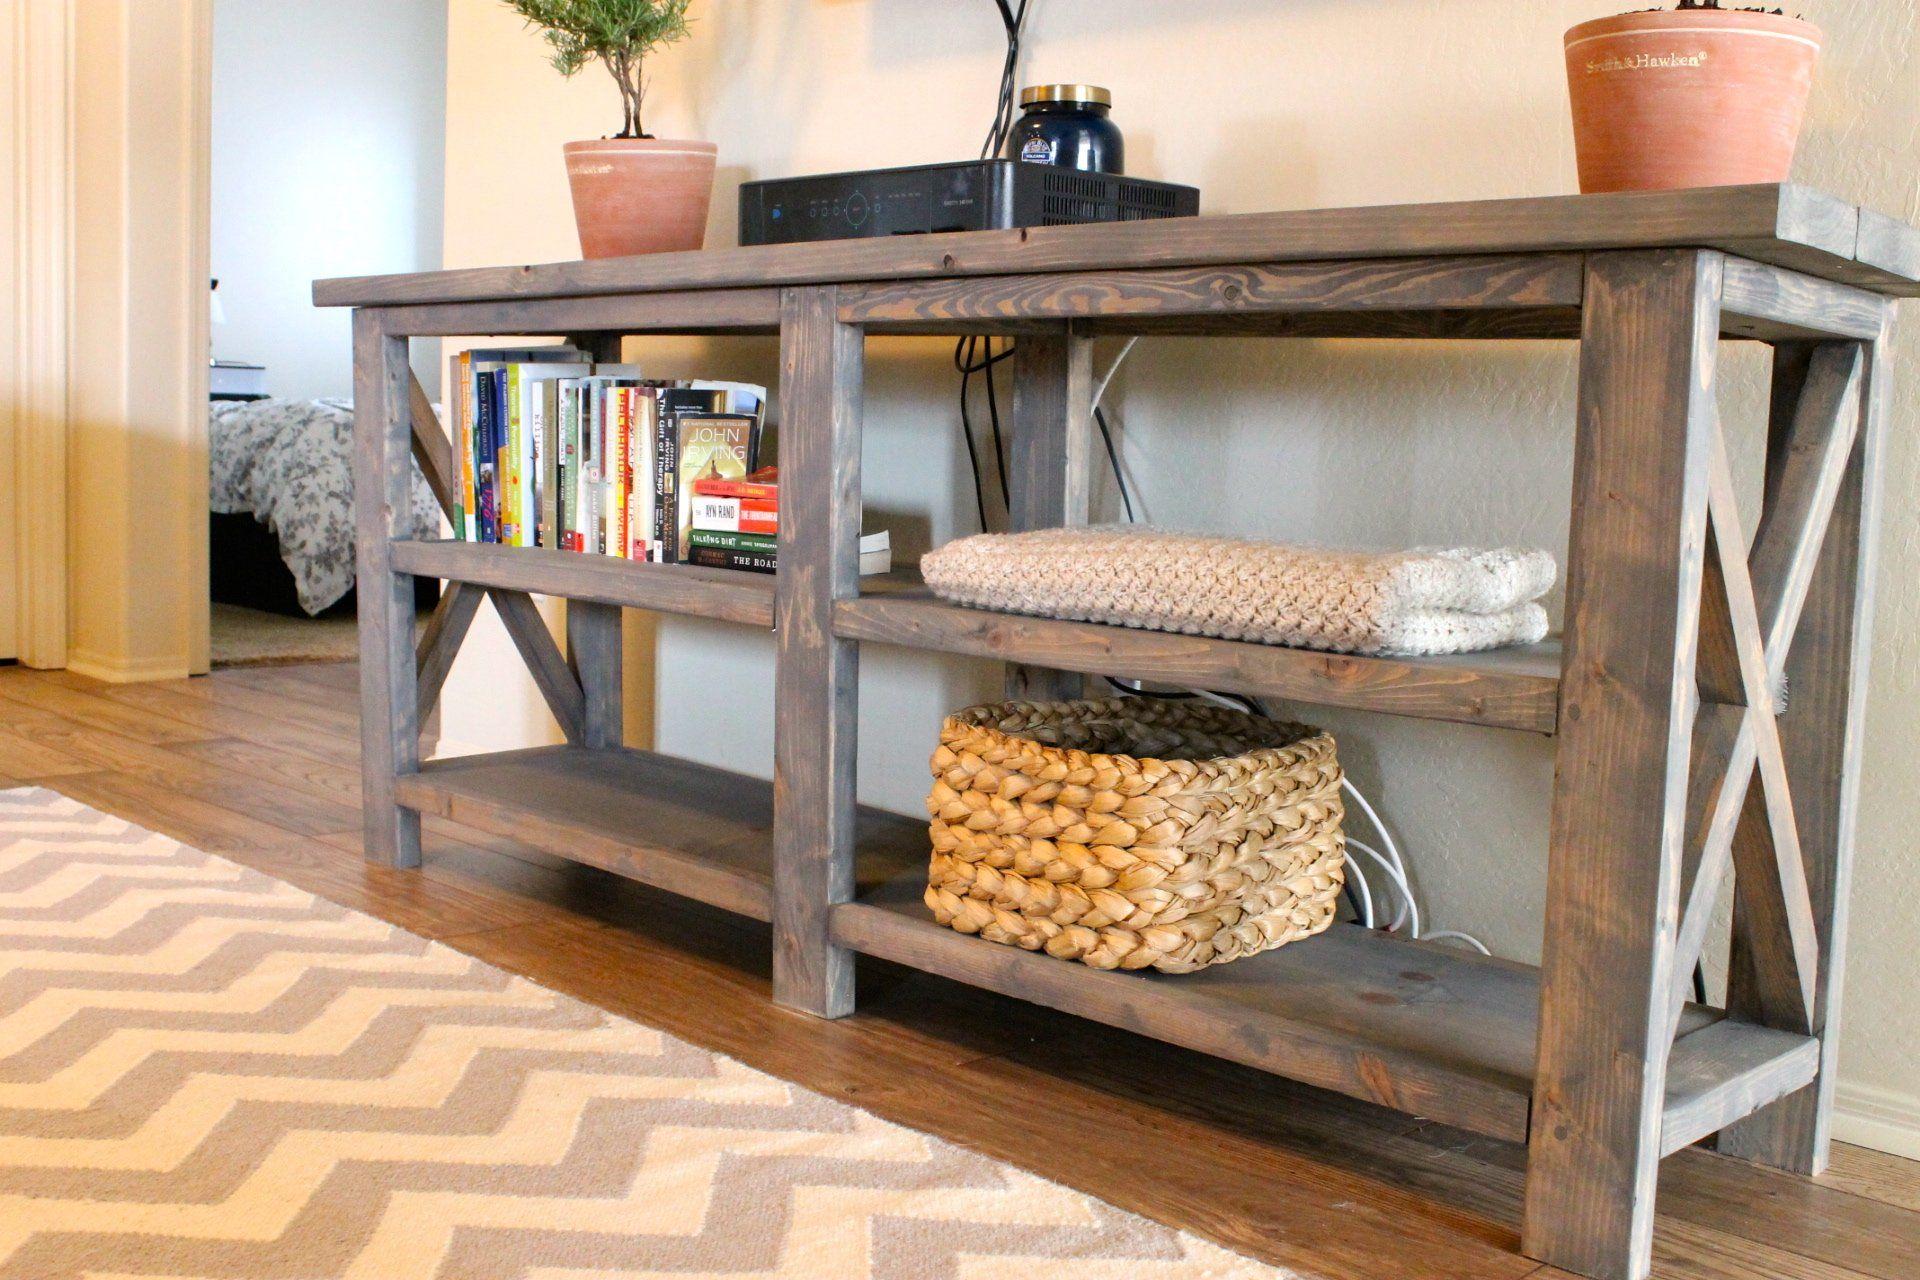 furniturevintagelookrusticwoodconsoletablewith